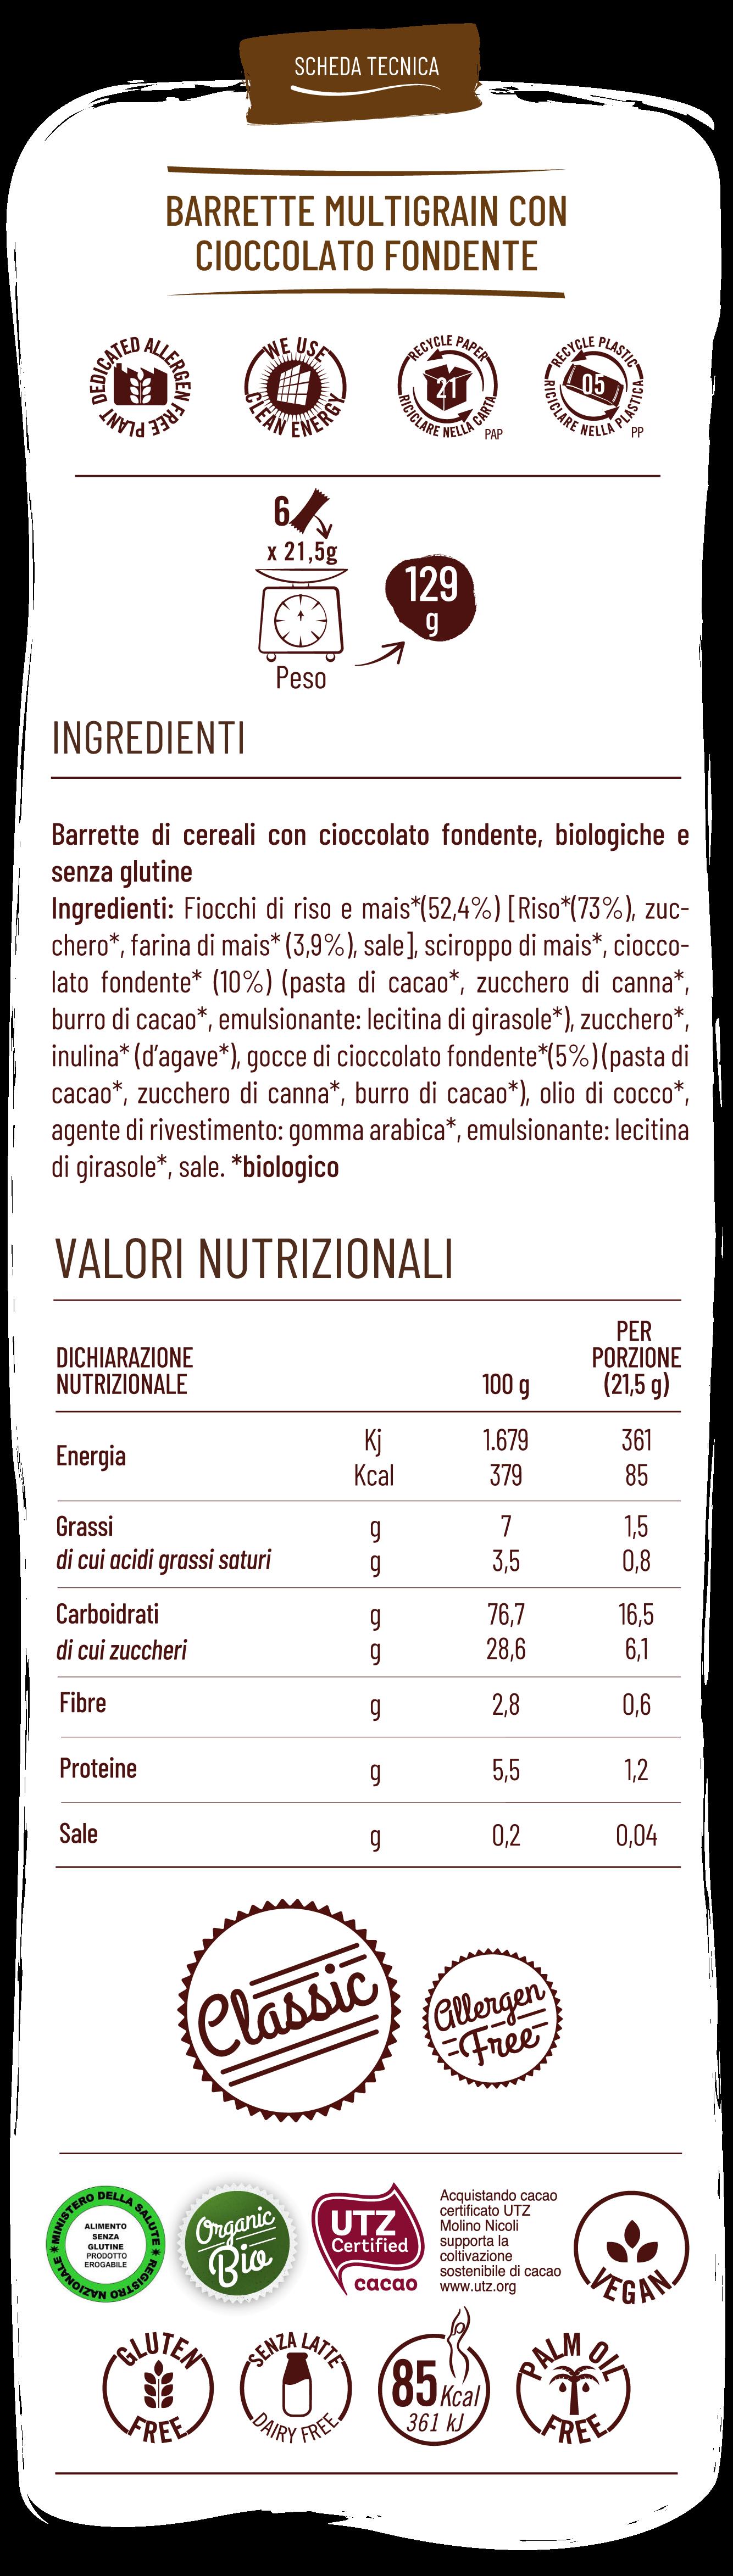 Vitabella Barrette multigrain con cioccolato fondente